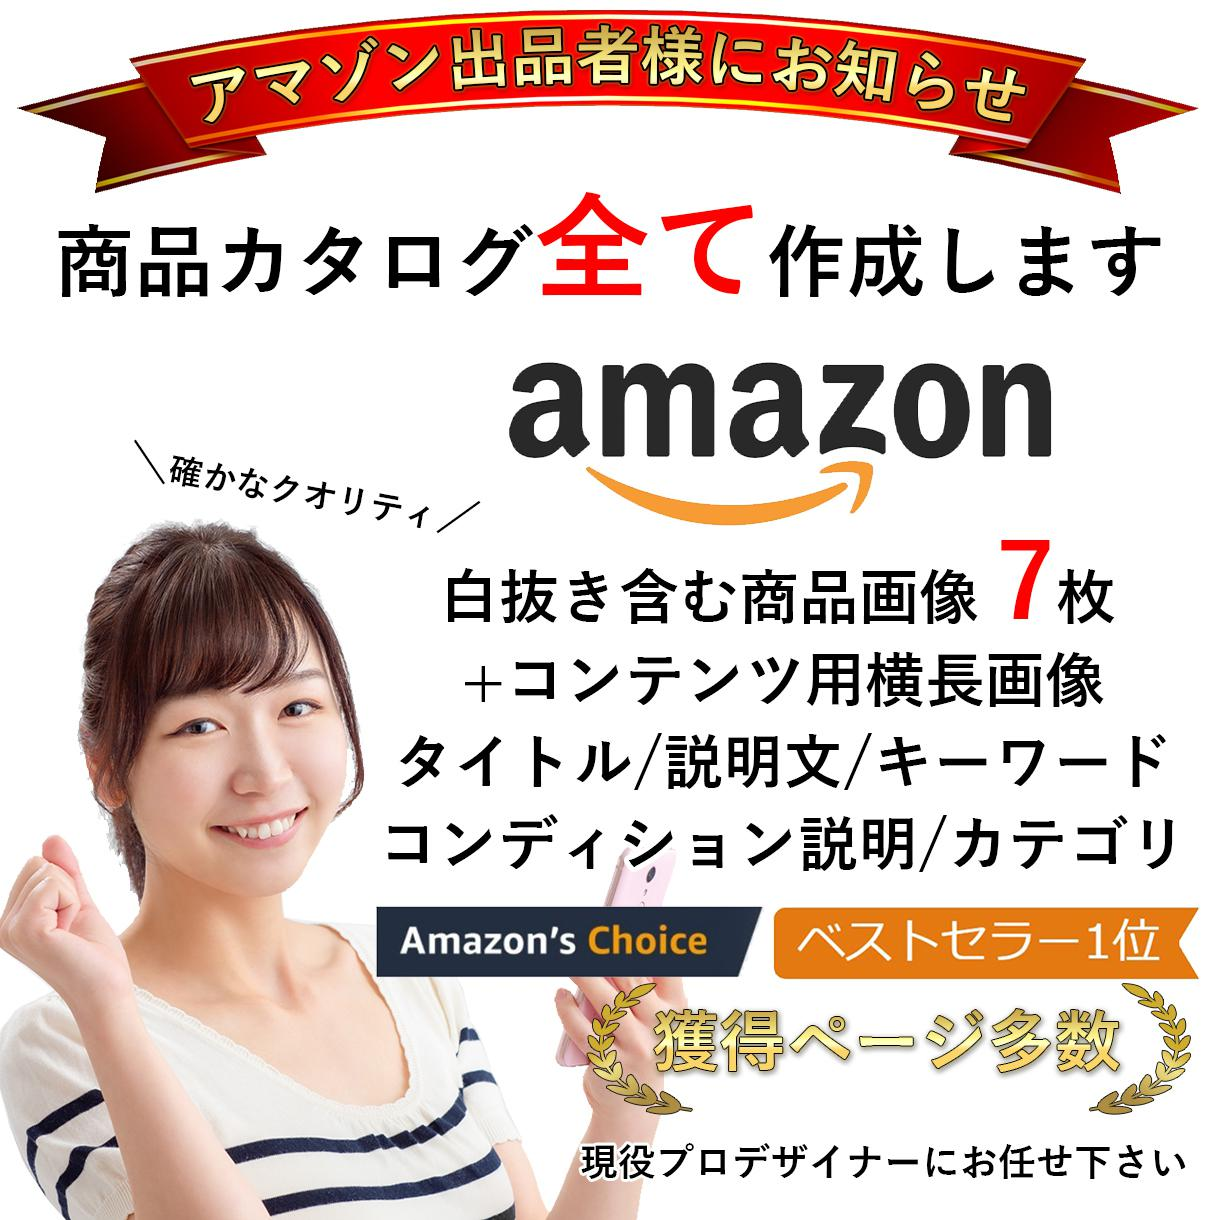 Amazon商品ページ 画像 説明文全て作成します Amazonカタログすべて解決/画僧加工/説明文/丸っと作成 イメージ1